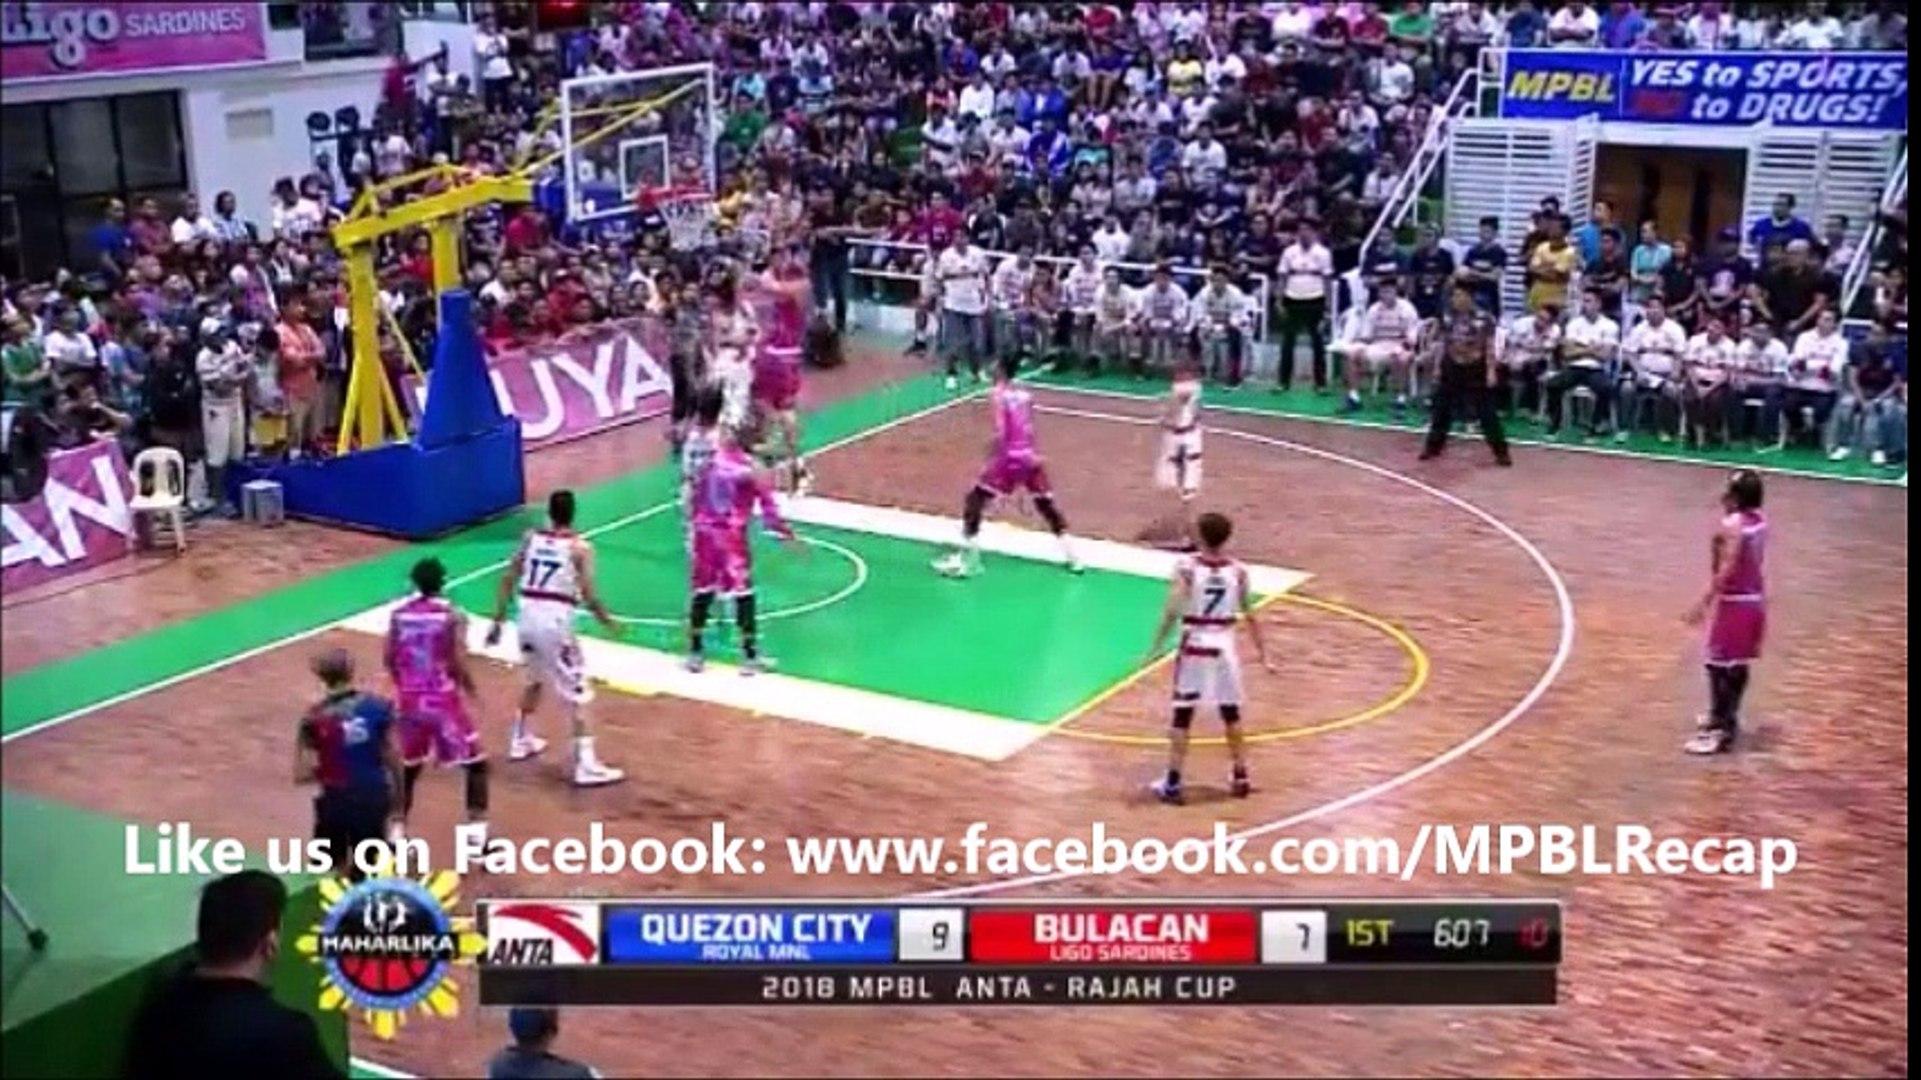 Marlou (A.K.A Sky Scraper Aquino) Score vs Quezon City Capitals (MPBL) February 24, 2018